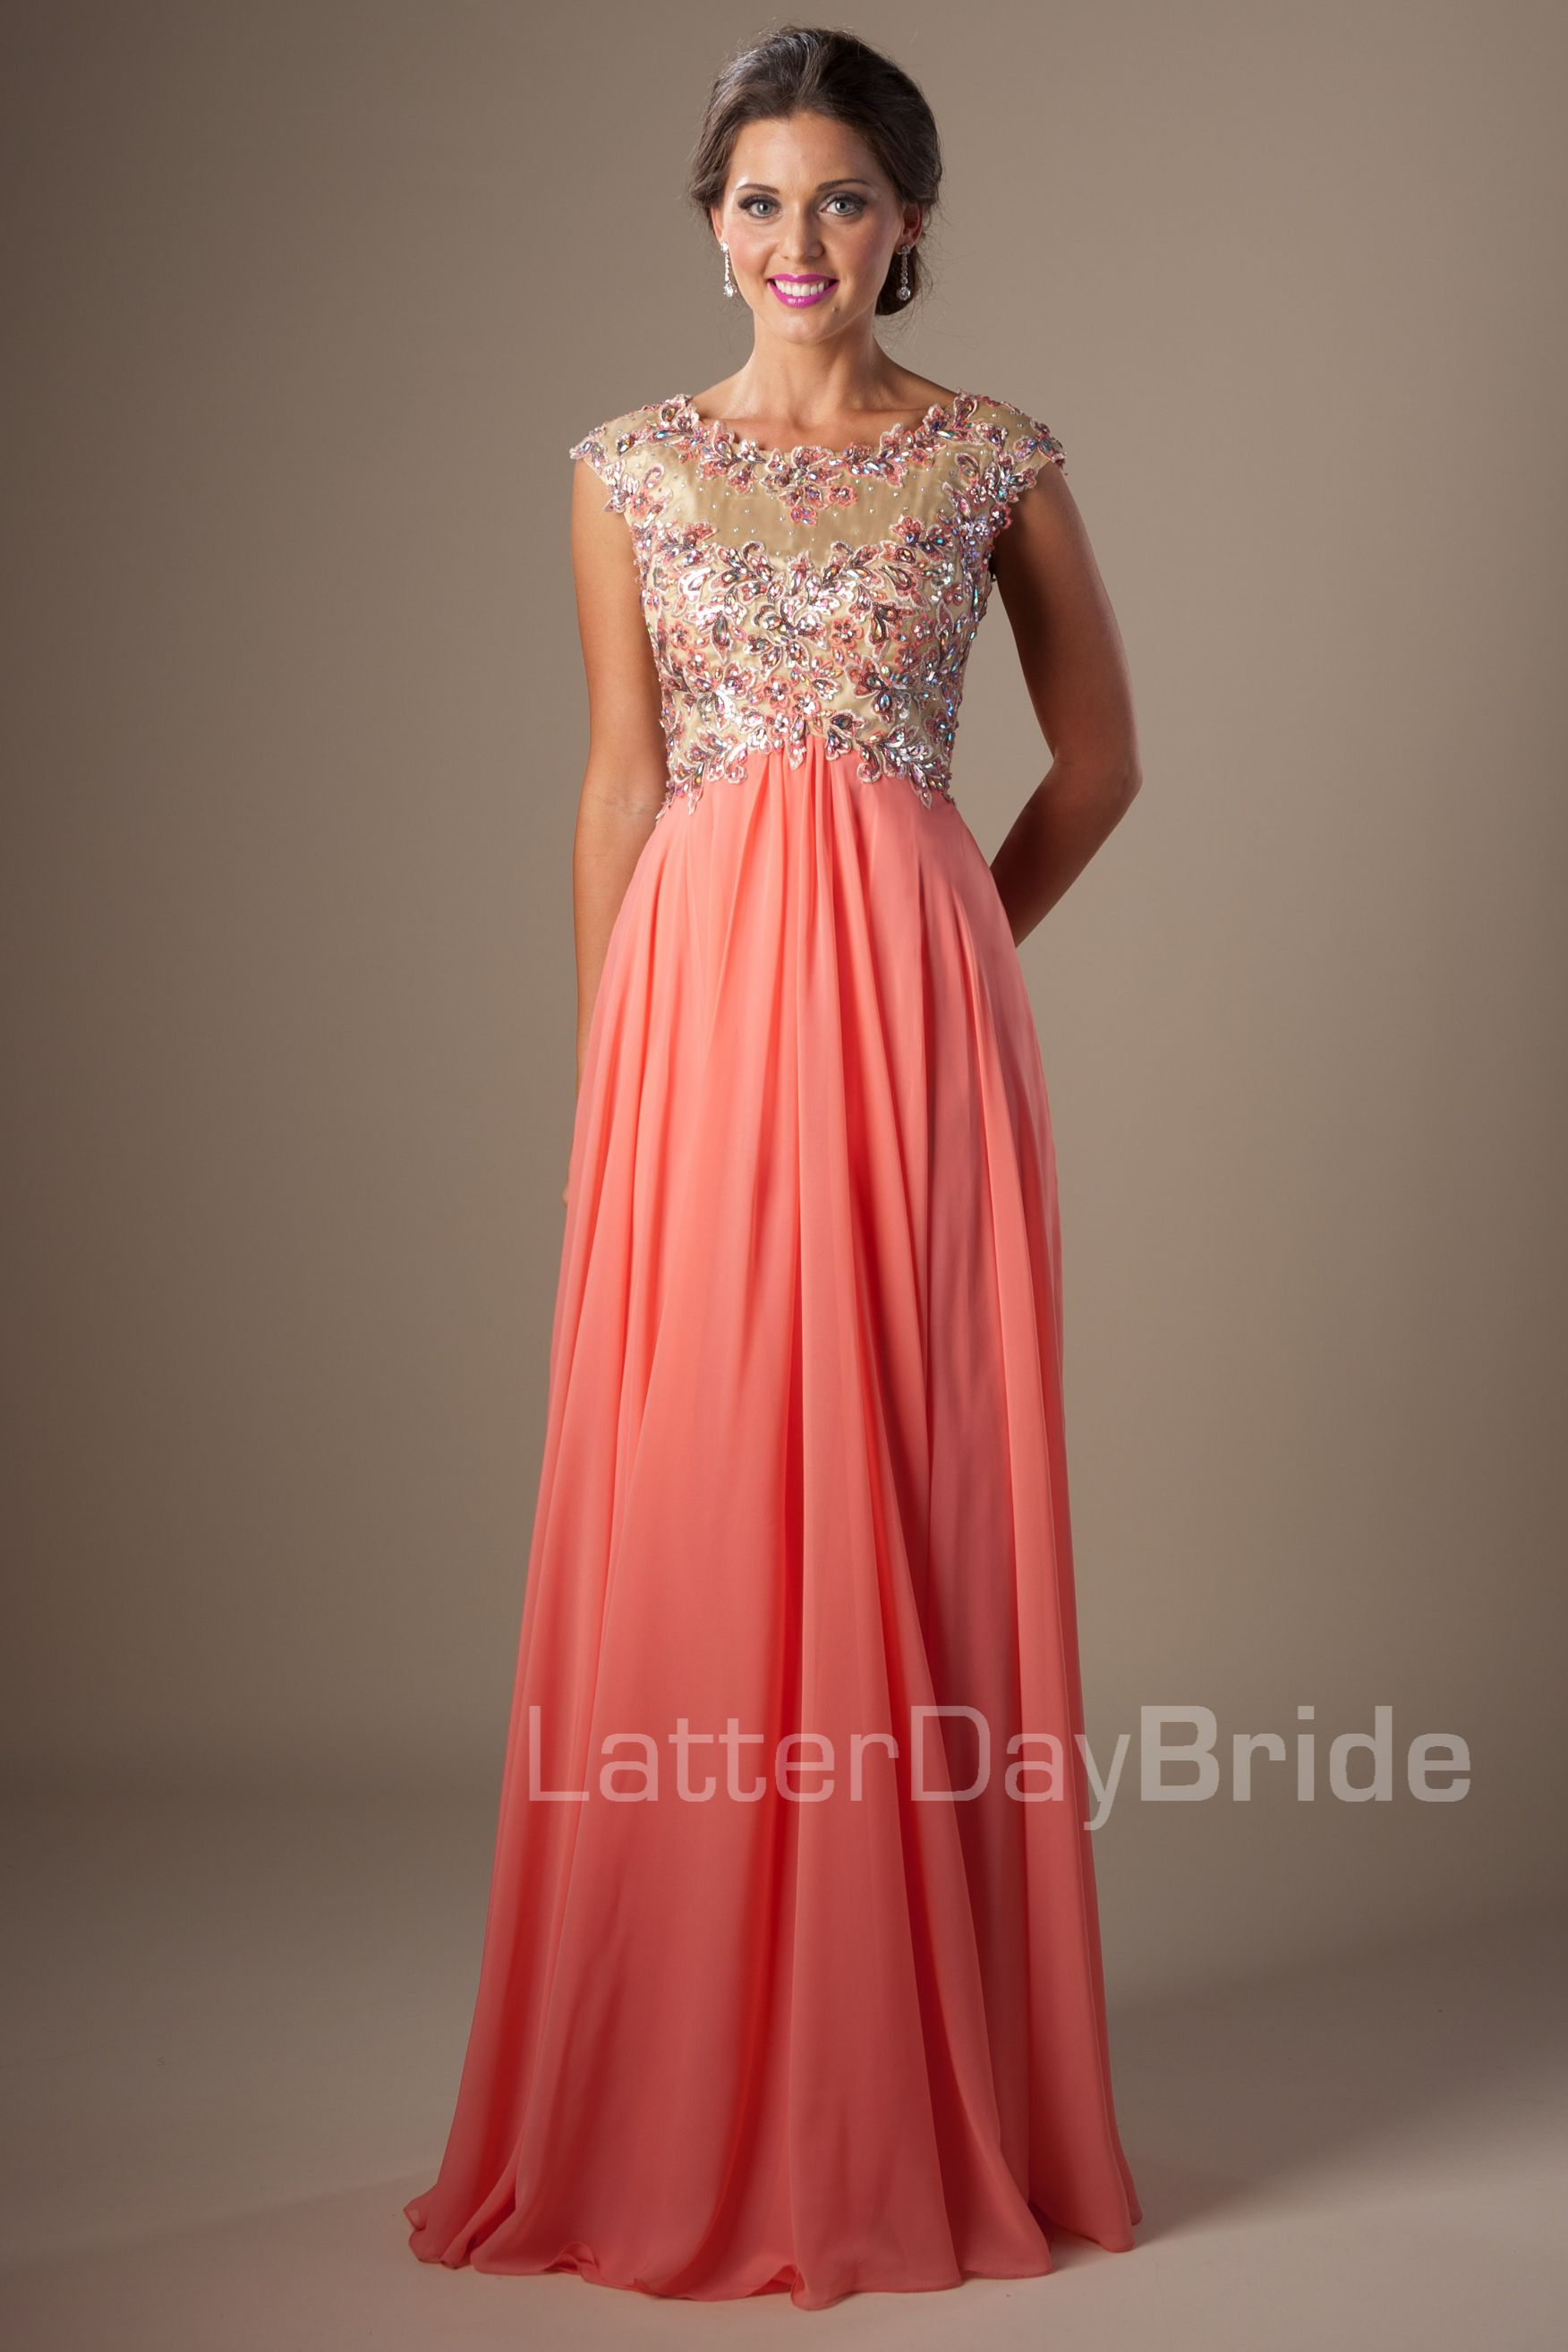 Modest Prom Dresses : Felicity | Fancy | Pinterest | Modest formal ...